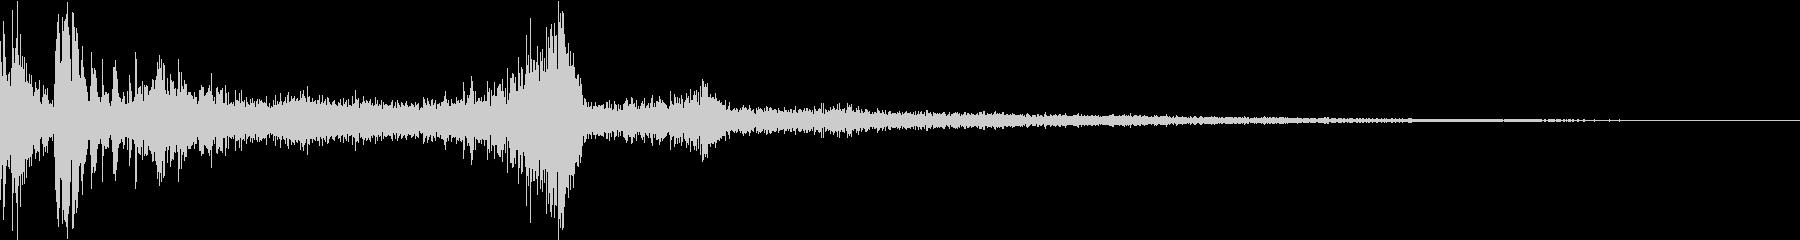 TV RADIO SFX3 雷サウンドの未再生の波形